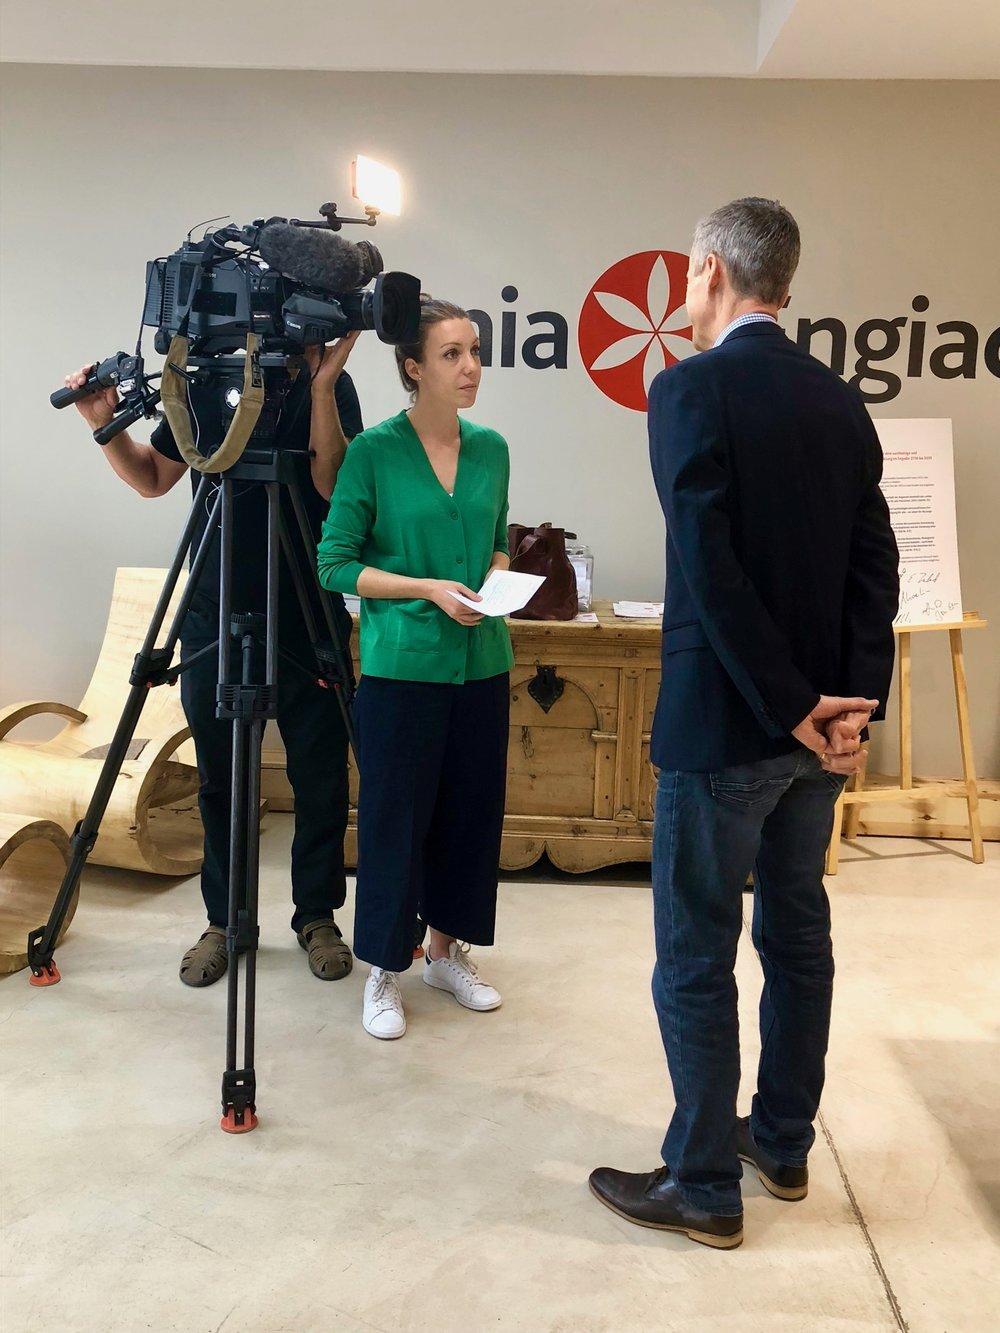 Das Schweiz Aktuell Team führte ein Interview mit dem mia Engiadina CEO Jon Erni.